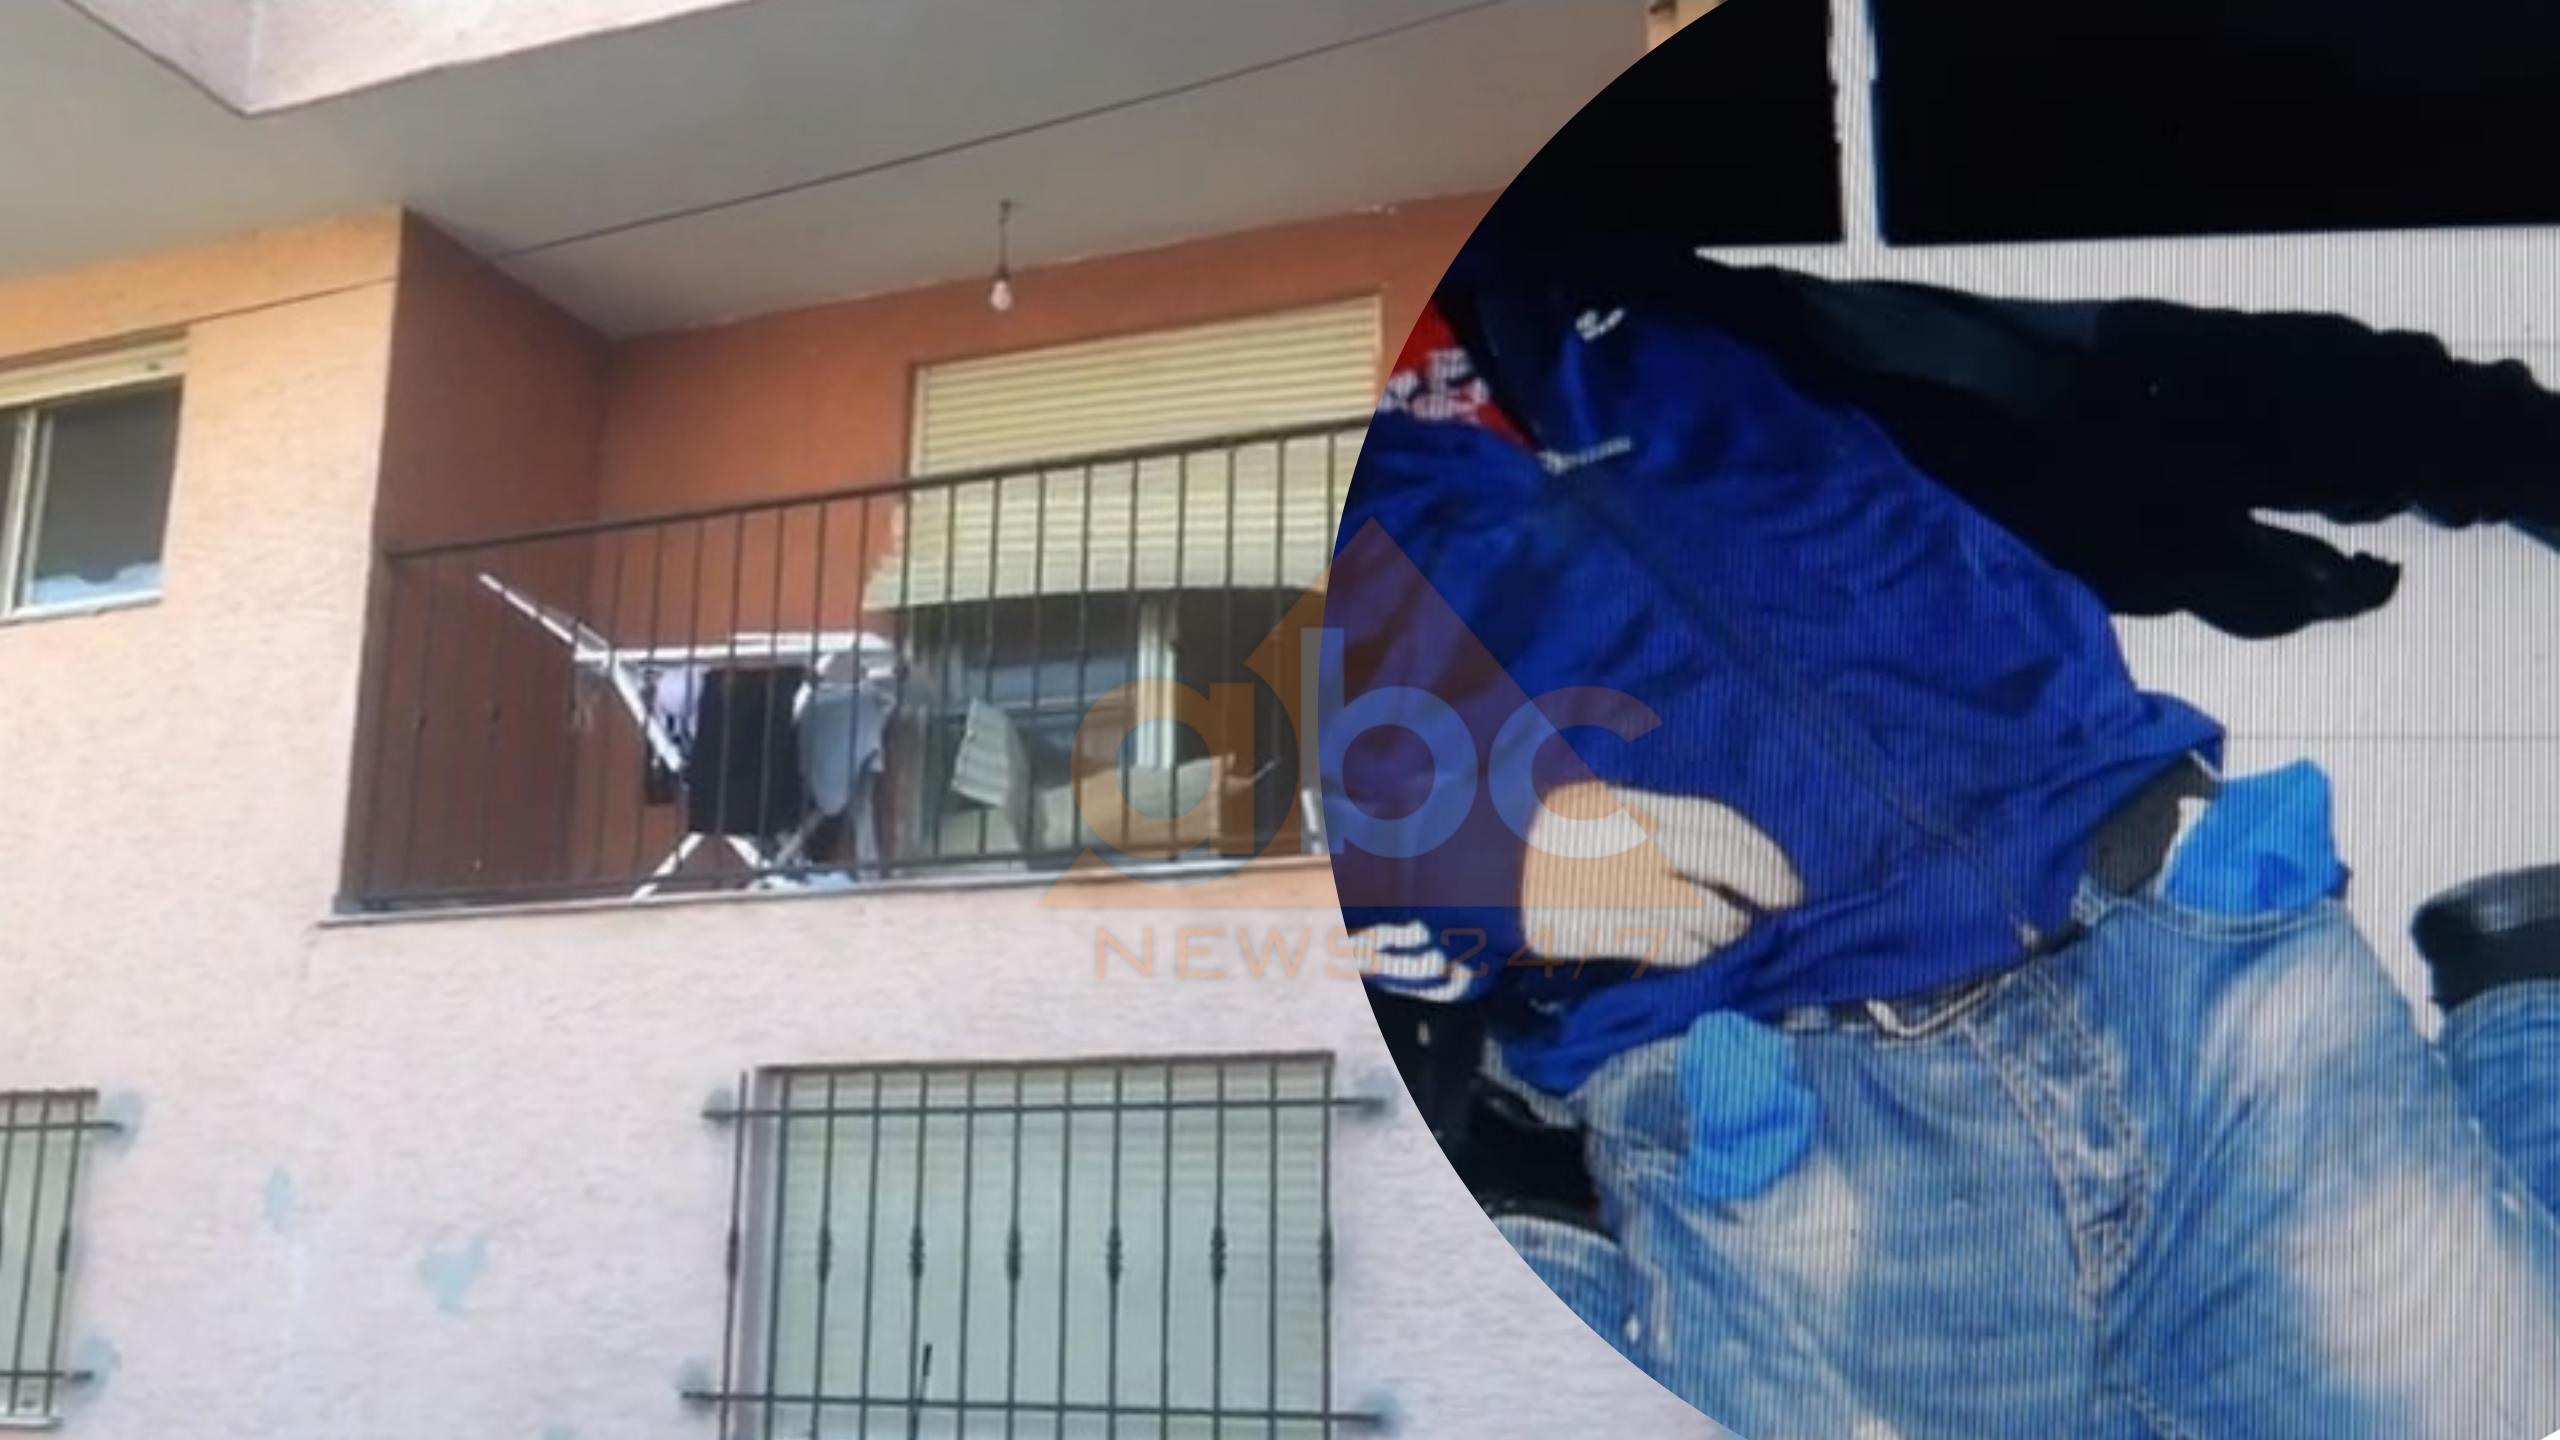 Pritej transferimi në paraburgim, por Bledar Toçi shtrohet tek infektivi në Durrës